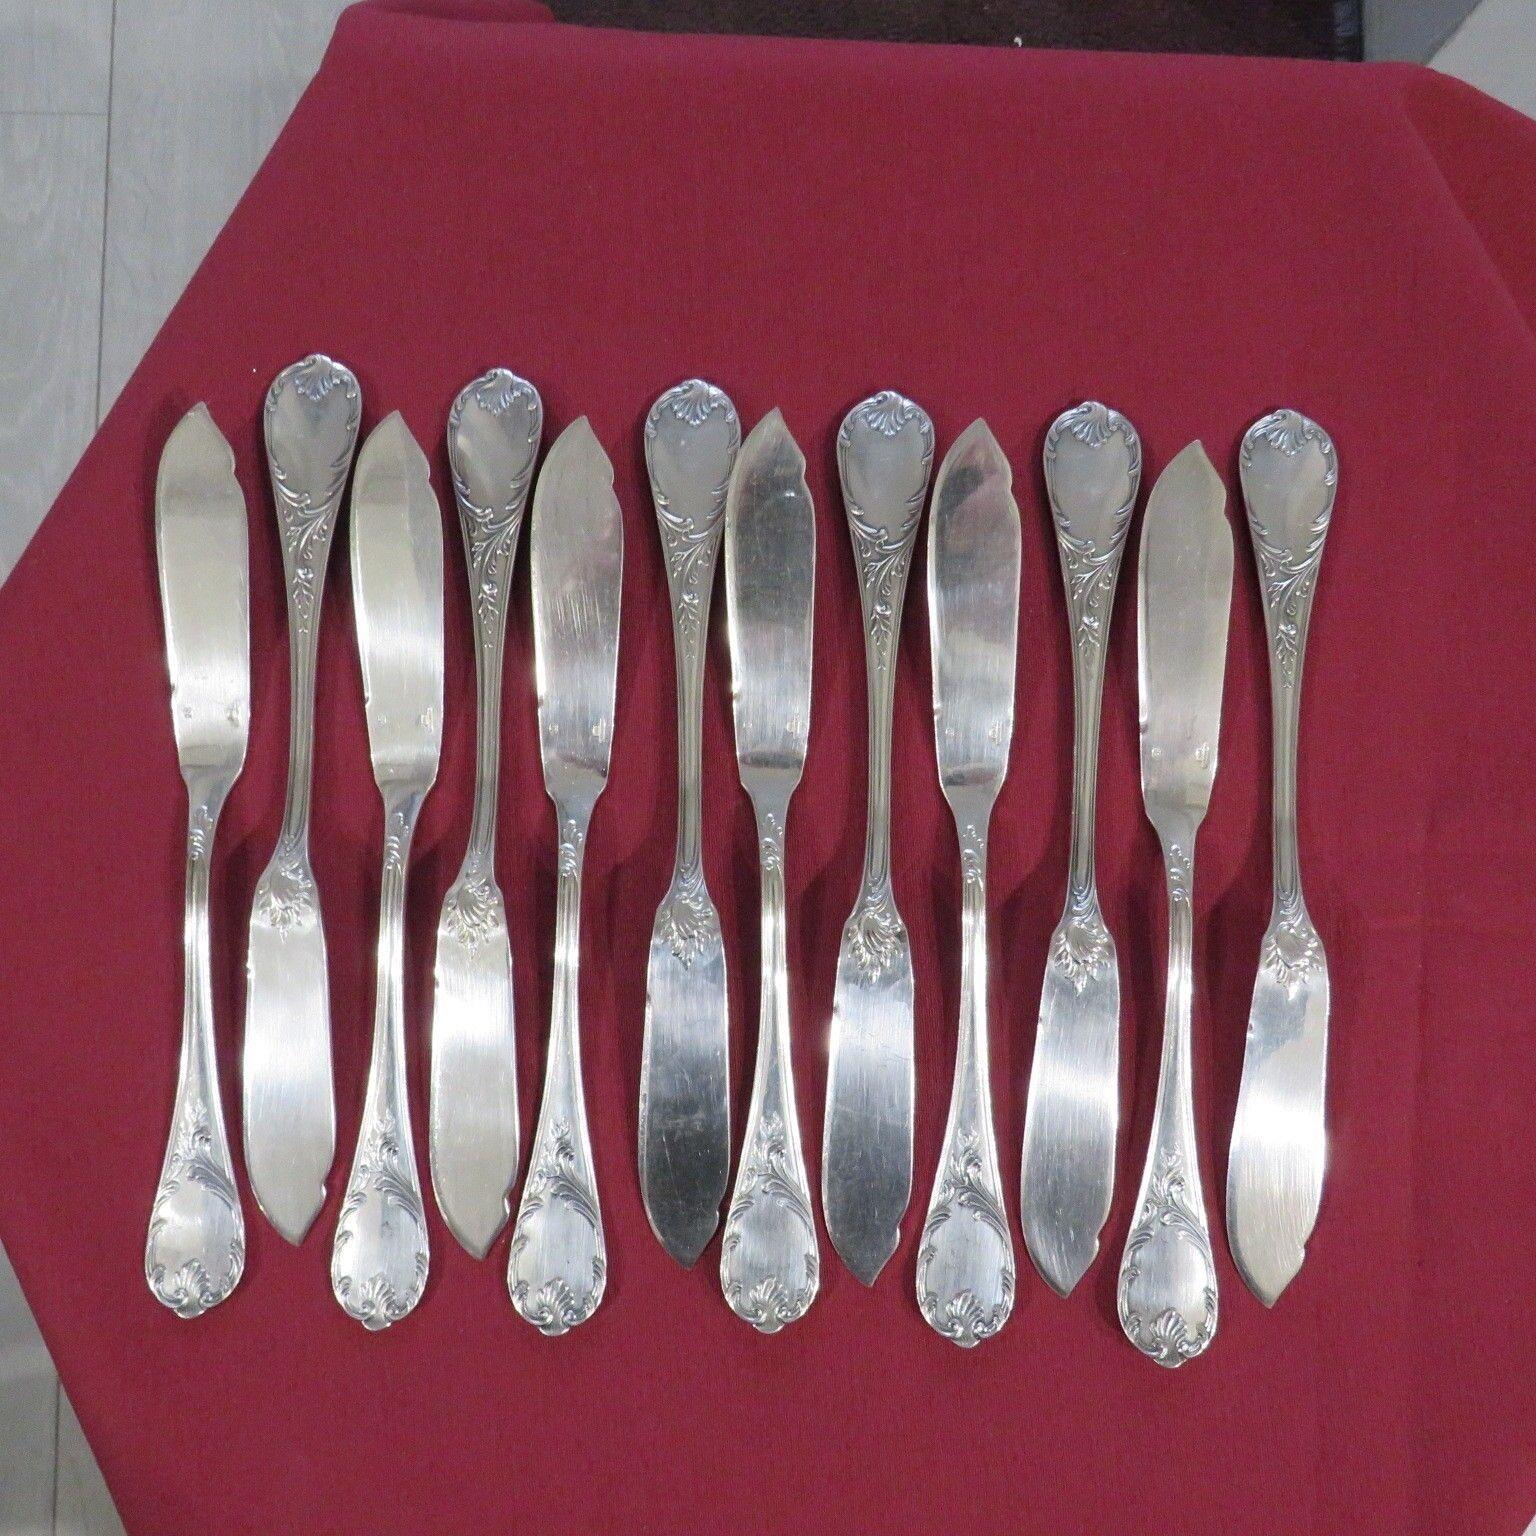 CHRISTOFLE    12 couteaux à poisson en métal argenté modèle marly 3